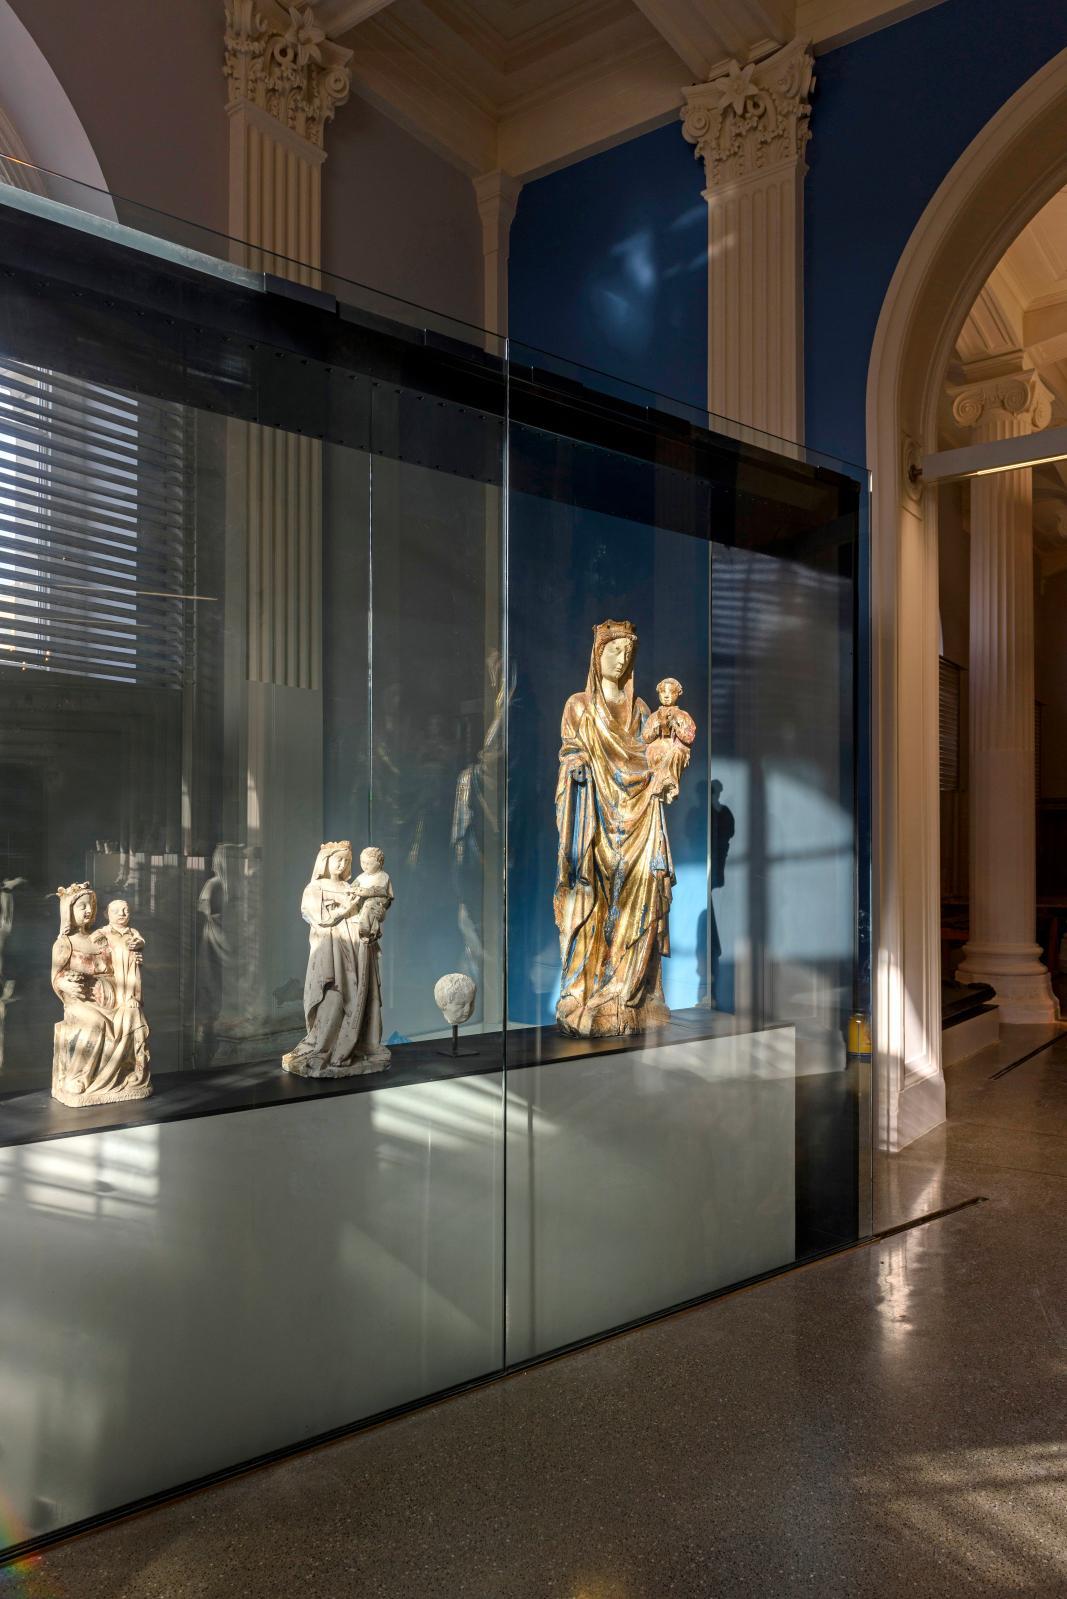 Les collections médiévalesdu musée de Picardie. © Alice Sidoli/Musée de Picardie